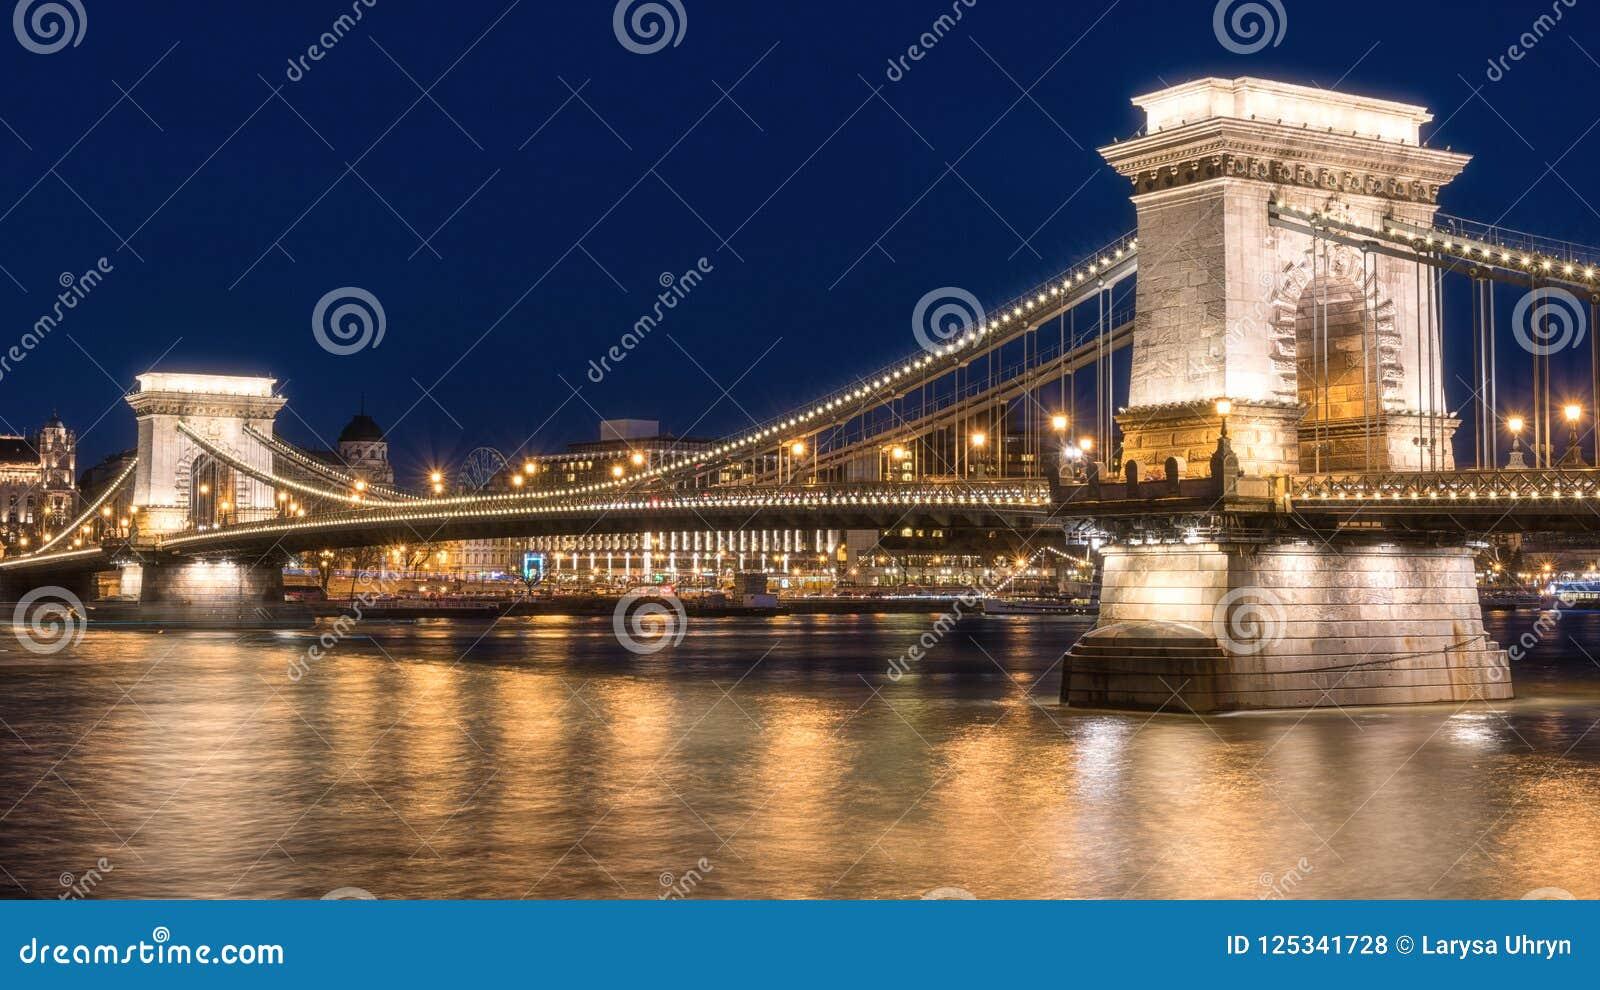 Βουδαπέστη, γέφυρα Szechenyi αλυσίδων lanchid στις μπλε ώρες λυκόφατος, Ουγγαρία, Ευρώπη